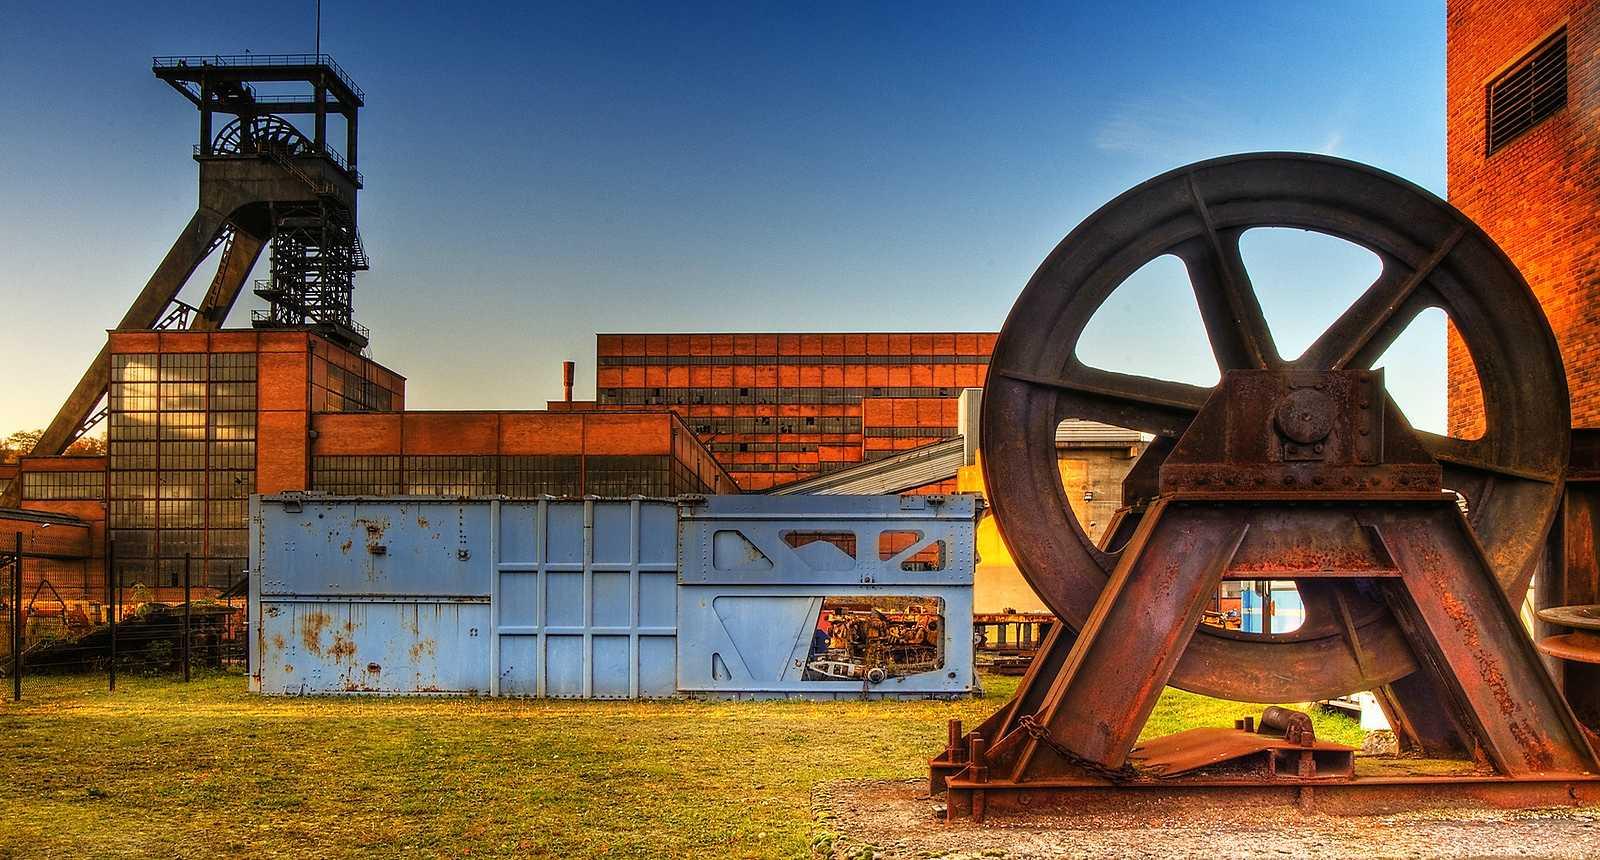 Le Musée de la Mine du Carreau Wendel à Petite-Rosselle